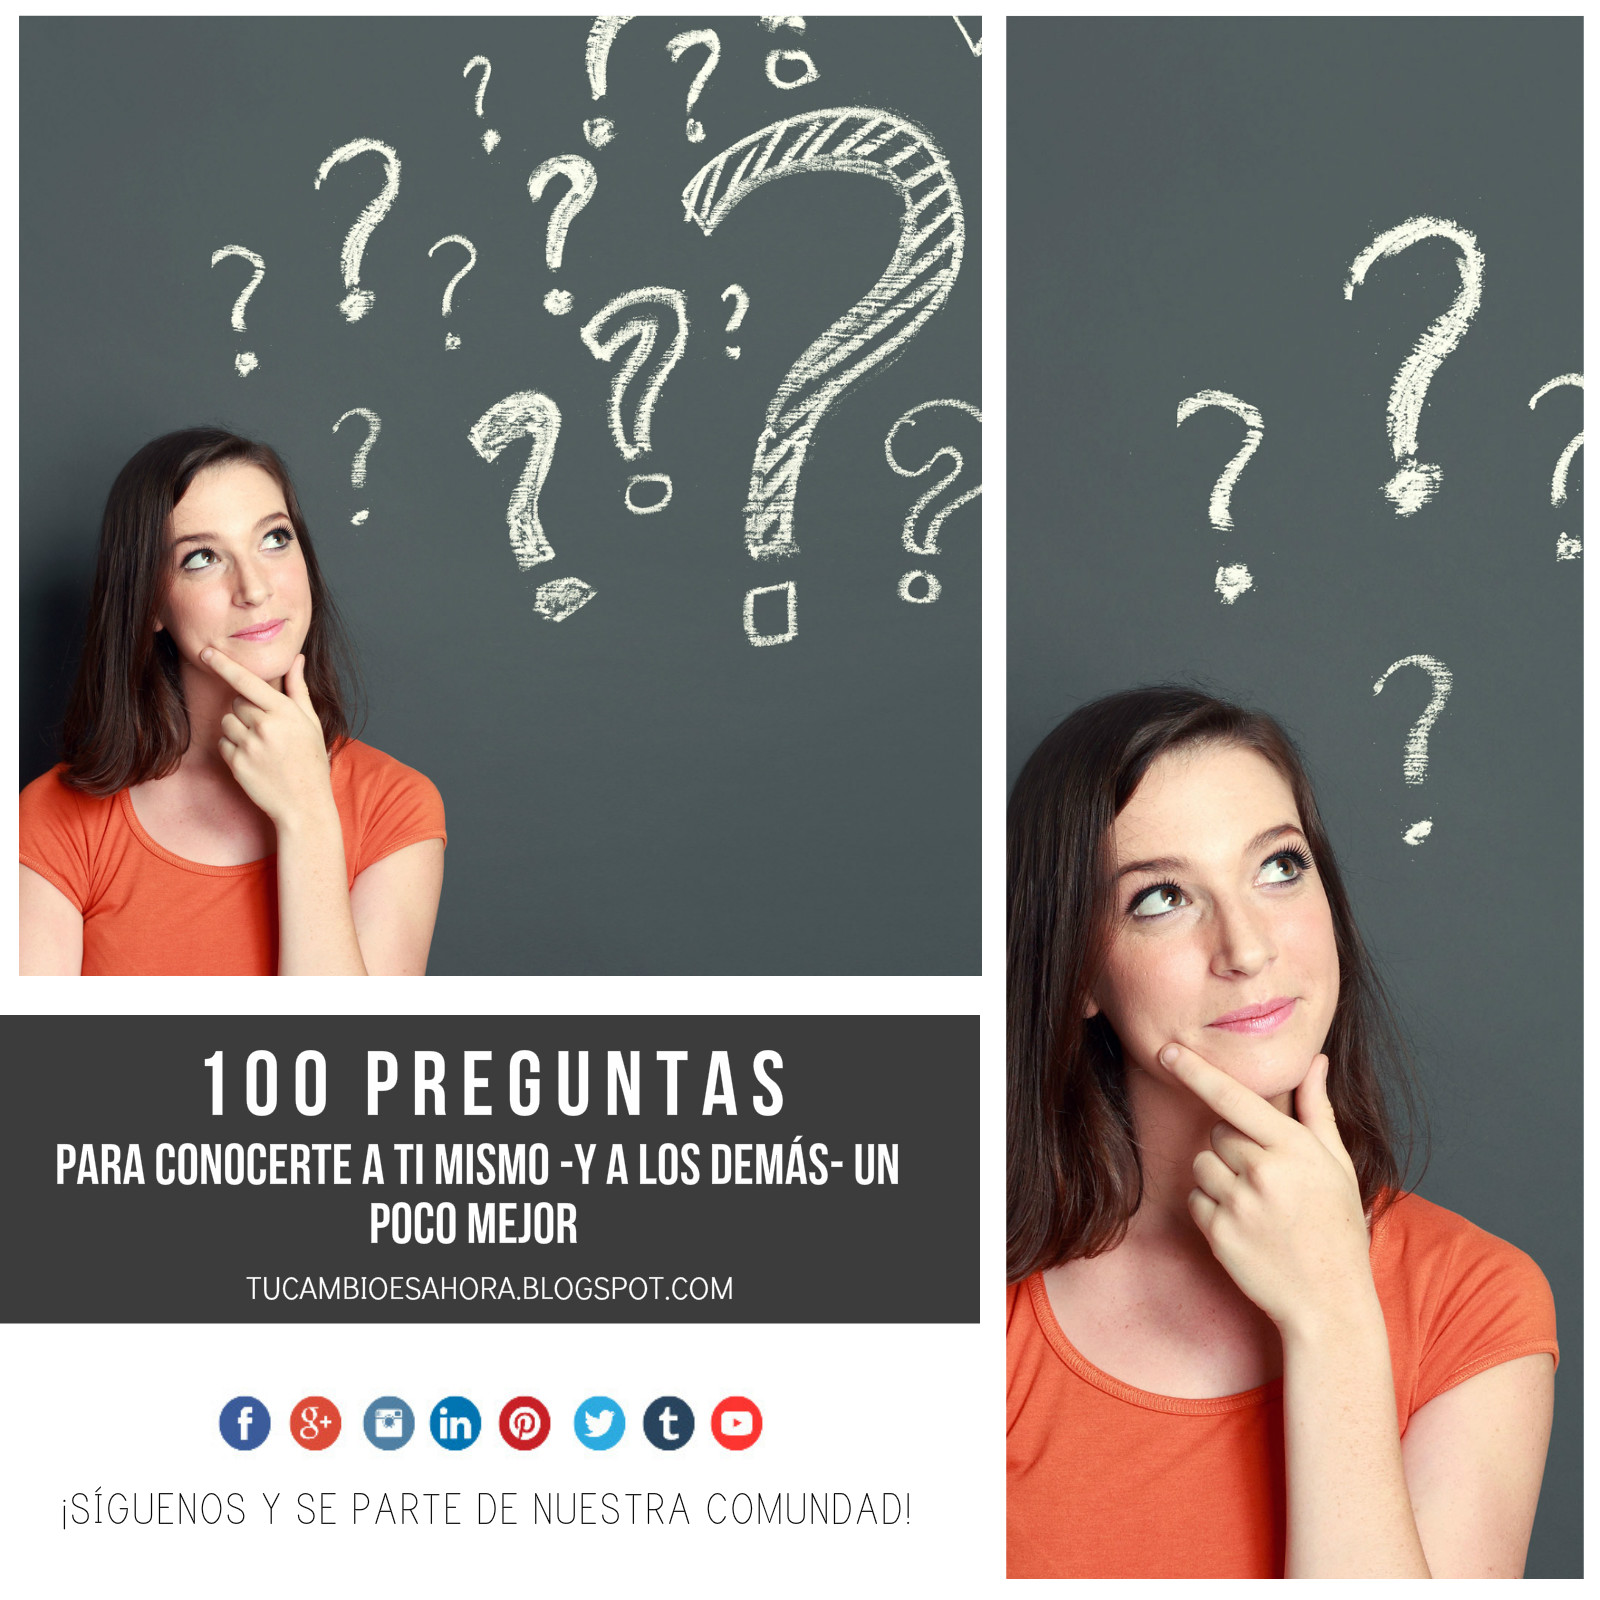 100 Preguntas Para Conocerte A Ti Mismo Y A Los Demás Un Poco Mejor Tu Cambio Es Ahora